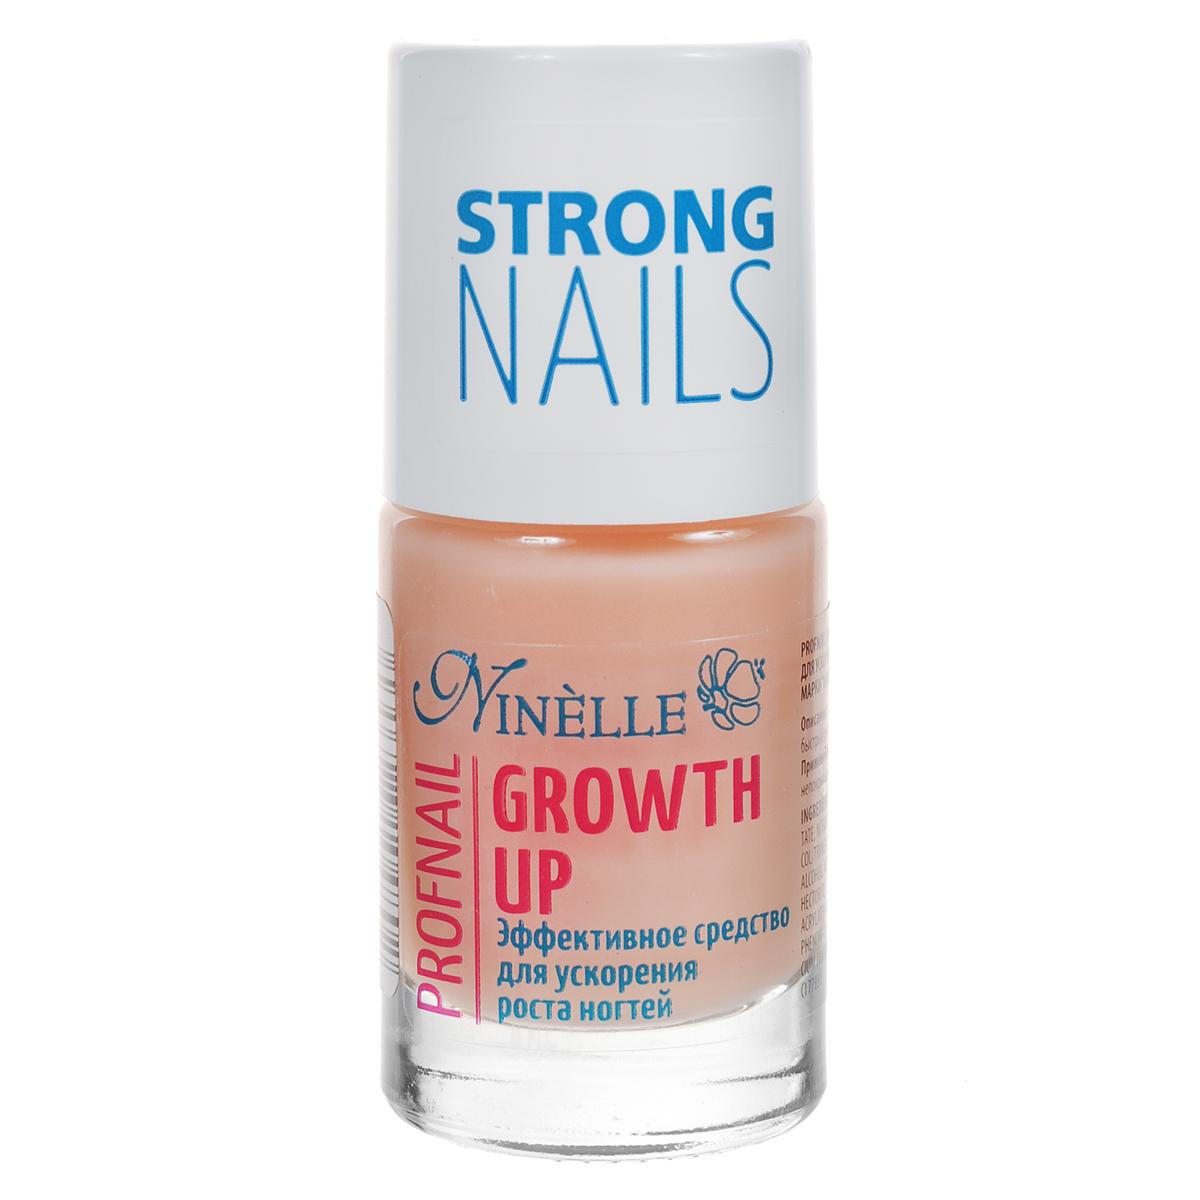 Ninelle Эффективное средство Growth Up для ускорения роста ногтей, 11 мл771N10480Эффективное средство по уходу за хрупкими и расслаивающимися ногтями, способствующее усиленному росту ногтей. В состав питательного средства входят кальций и экстракт сладкого миндаля. Средство стимулирует рост ногтей и предназначено для ухода за хрупкими и расслаивающимися ногтями. Подходит для ежедневного применения. Данный препарат обеспечивает ногтям максимально быстрый рост в течение 2-х недель. Товар сертифицирован.